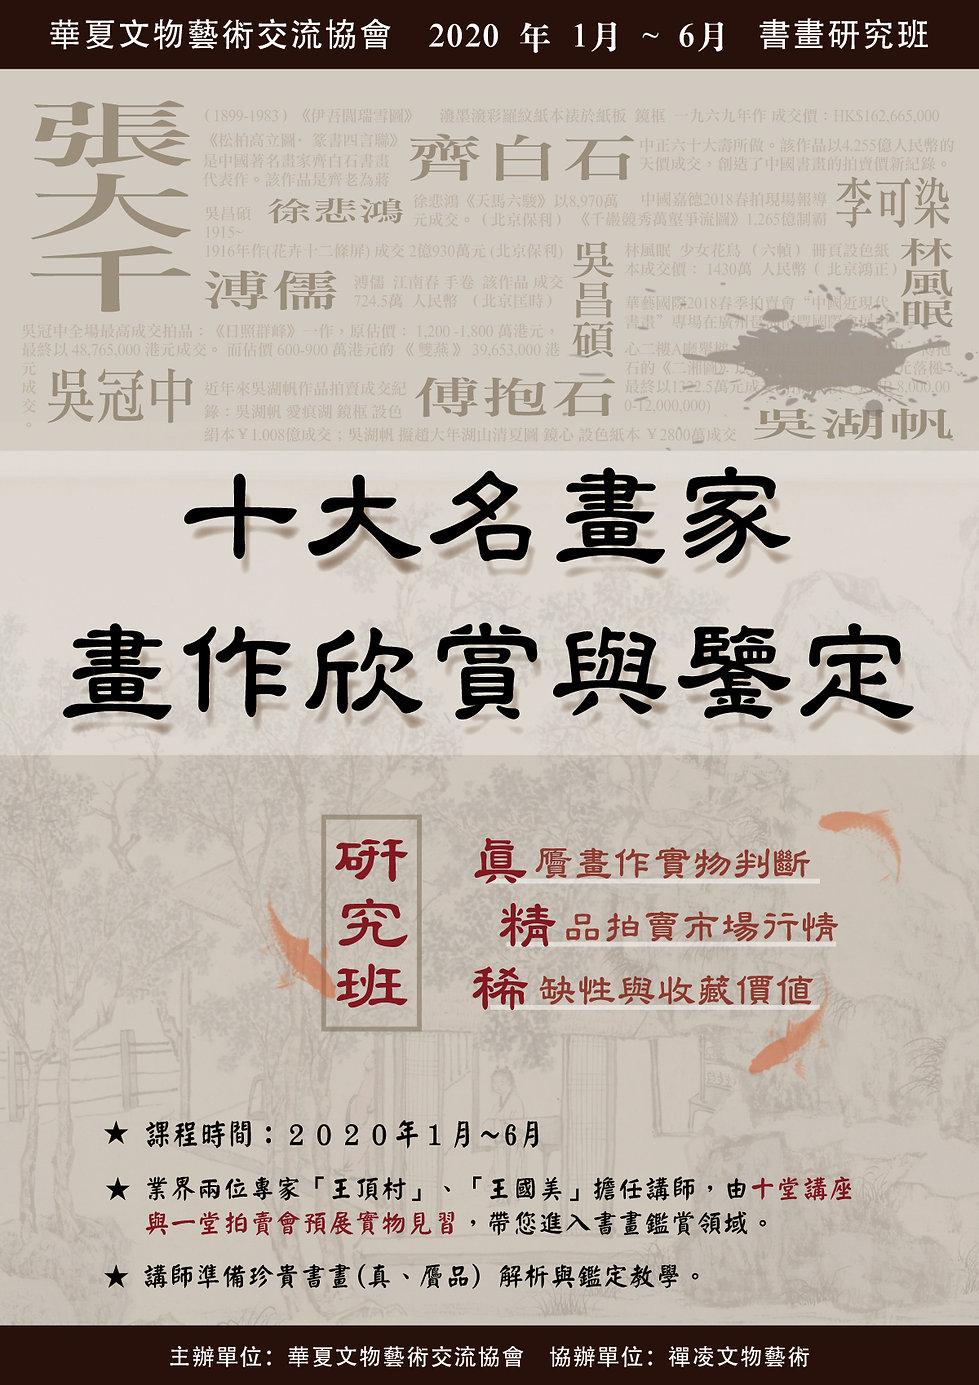 202001-06-十大名畫家畫作欣賞與鑒定研究班-DM.jpg